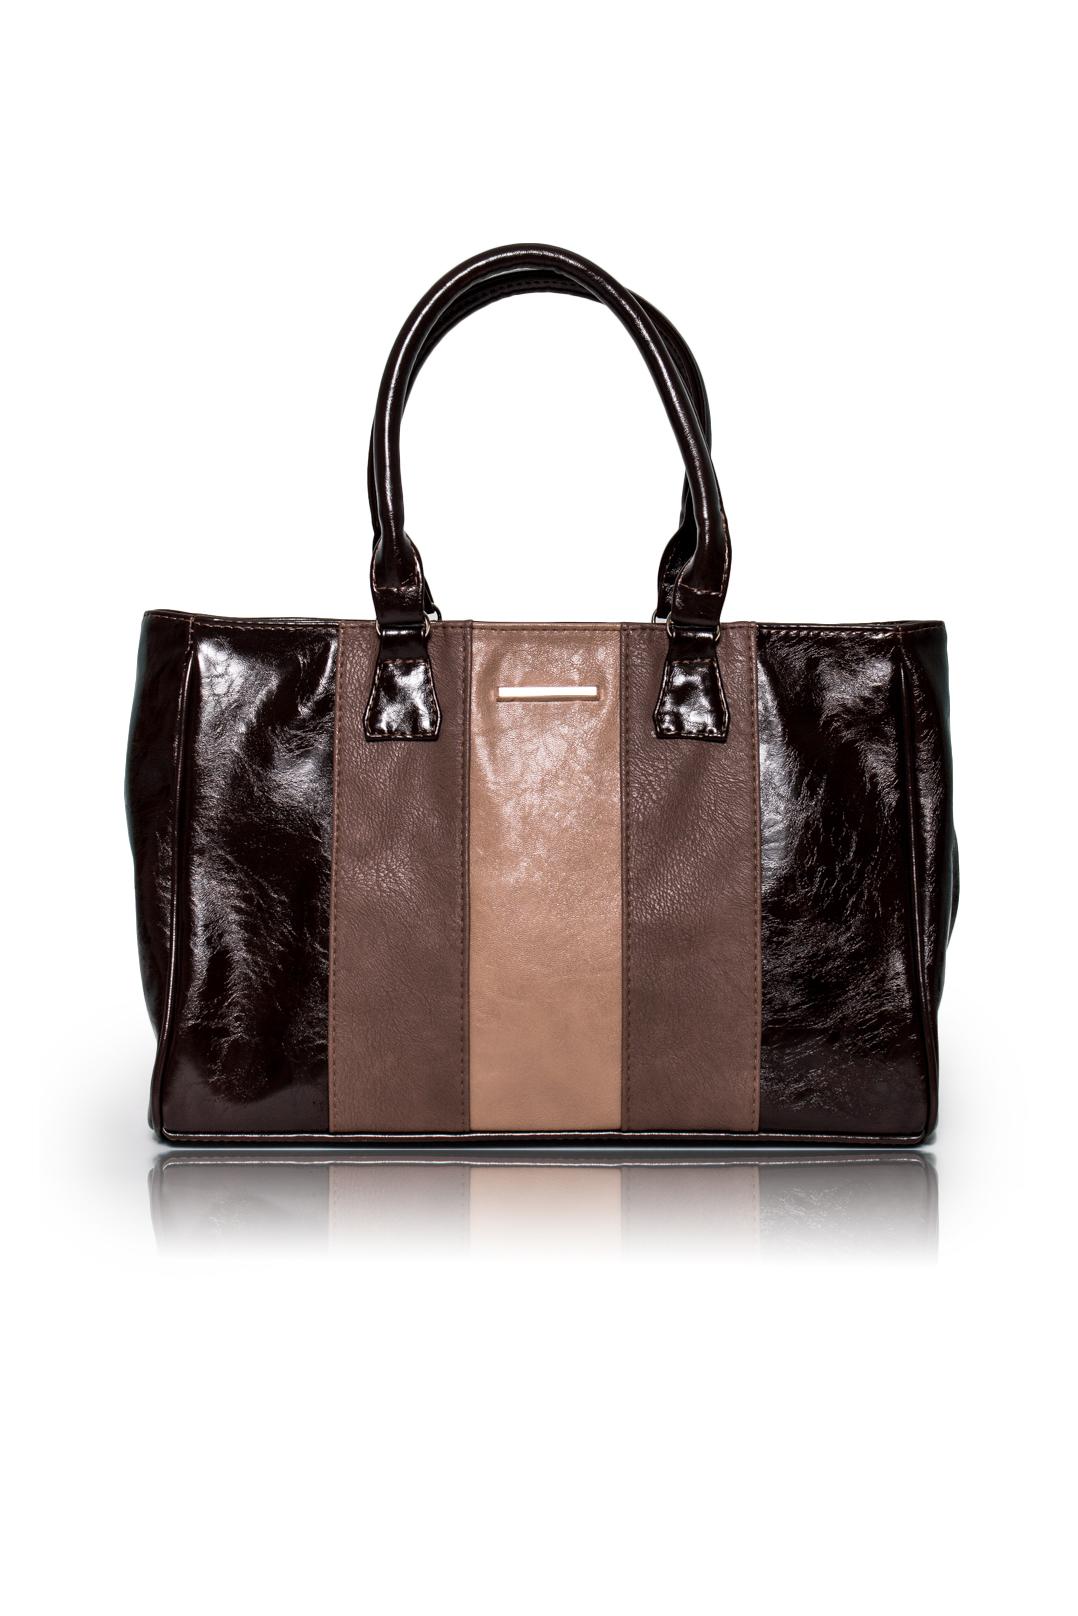 СумкаКлассические<br>Женские сумки бренда DINESSI - это стильные аксессуары, которые по достоинству оценят представительницы прекрасного пола.  Сумка классическая с застежкой молнией и двумя короткими ручками. На задней части сумки карман на молнии. Внутри два накладных кармана и карман на молнии.  Цвет: оттенки коричневого.  Размеры: Высота - 25 ± 1 см Длина - 35,5 ± 1 см Ширина - 9 ± 1 см Длина ручек - 45 ± 1 см<br><br>Отделения: 1 отделение<br>По материалу: Искусственная кожа<br>По размеру: Средние<br>По рисунку: Цветные<br>По силуэту стенок: Прямоугольные<br>По способу ношения: В руках,На запастье,На плечо<br>По степени жесткости: Мягкие<br>По типу застежки: С застежкой молнией<br>По элементам: Карман на молнии,Карман под телефон,С декором<br>Ручки: Короткие<br>Размер : UNI<br>Материал: Искусственная кожа<br>Количество в наличии: 1